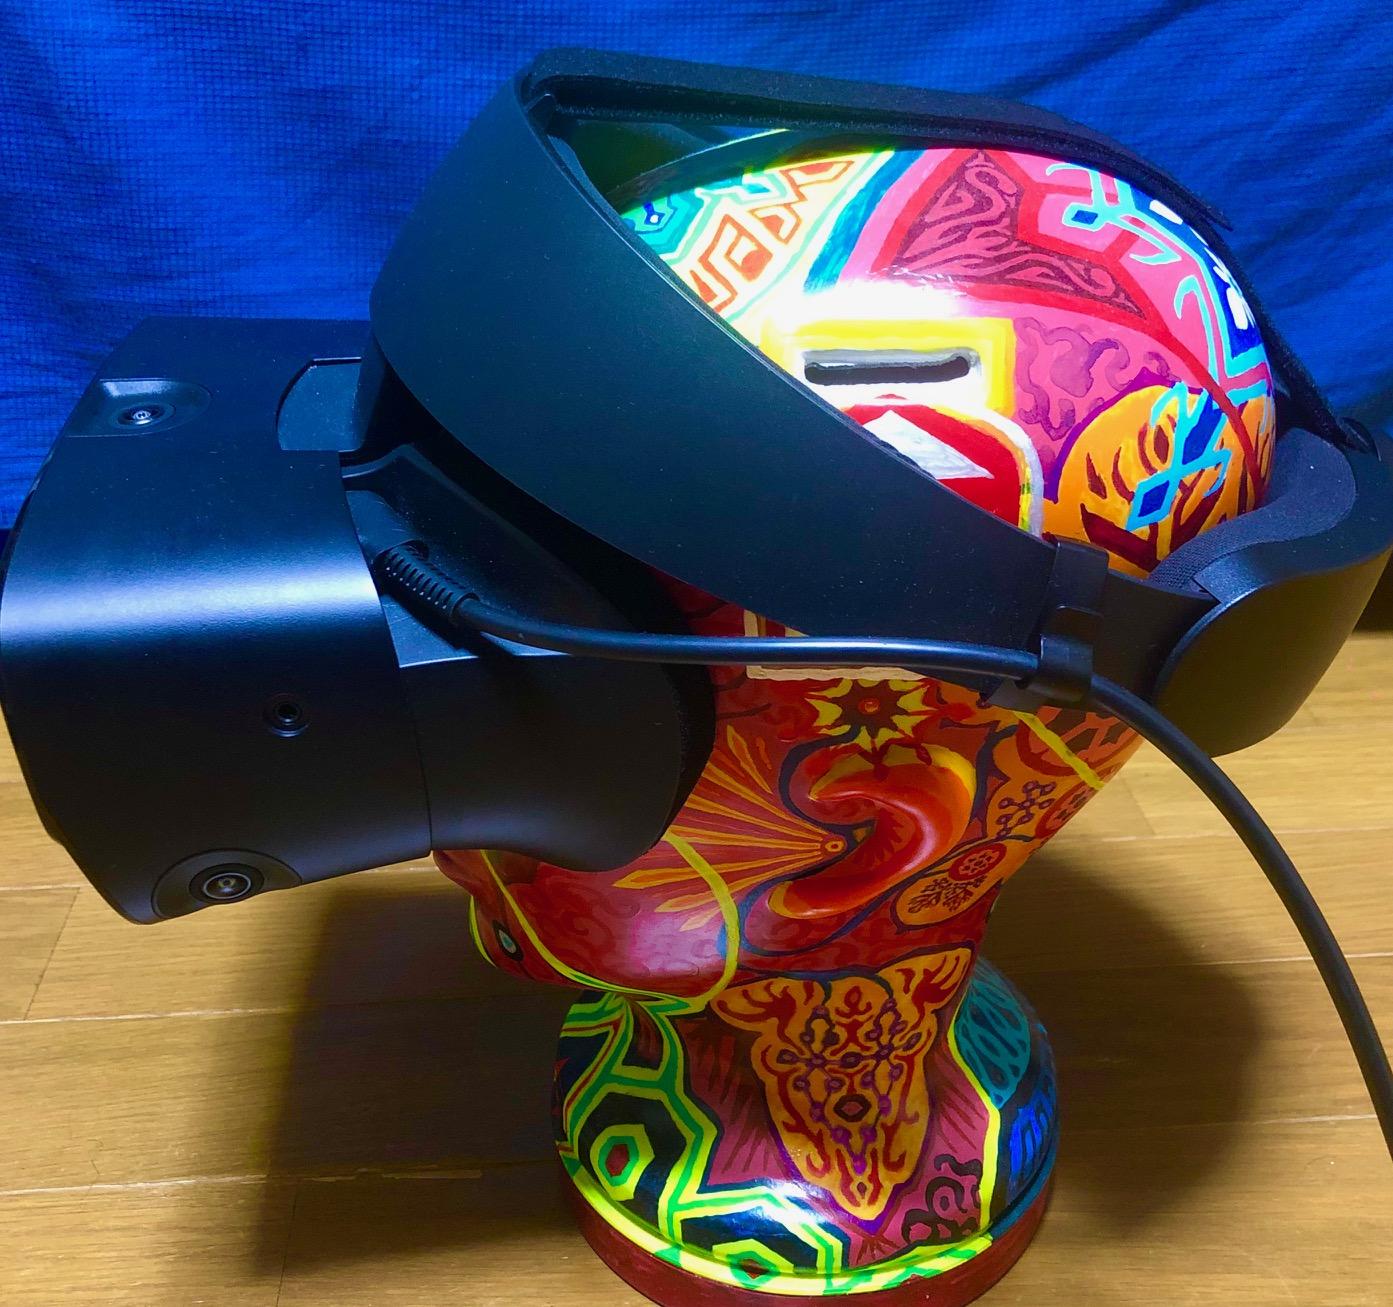 【Oculus Rift S】からの【Oculus Quest2】 買いかえなくていい理由3つ